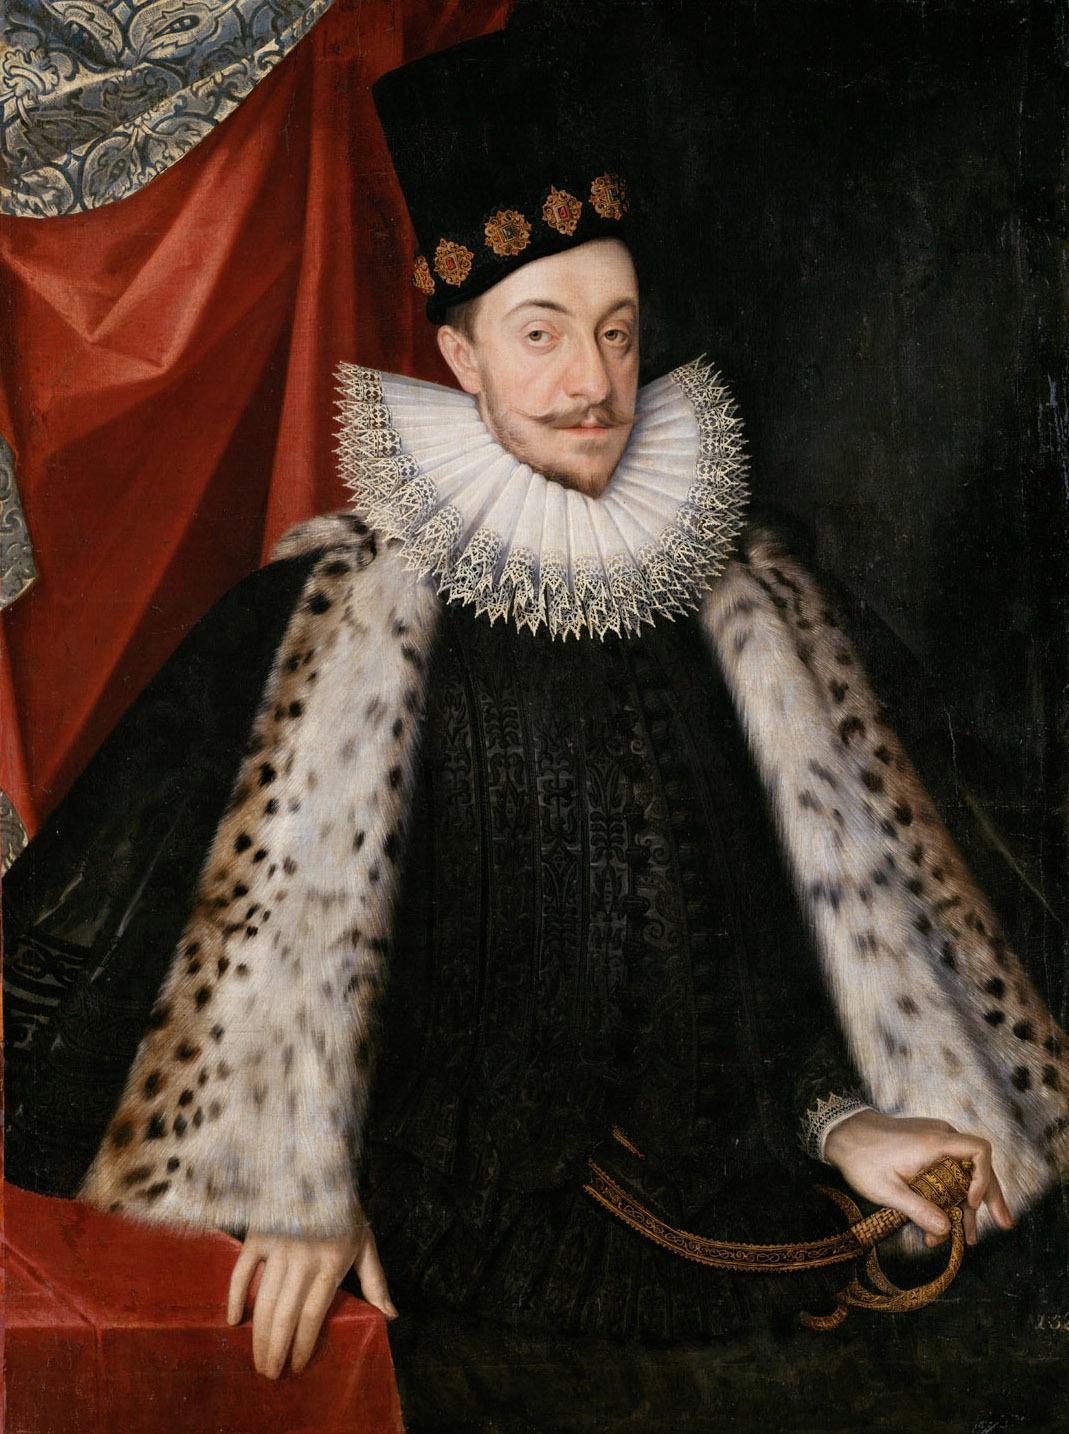 König Sigismund III. (1566-1632) von Polen, Kniestück von Martin Kober